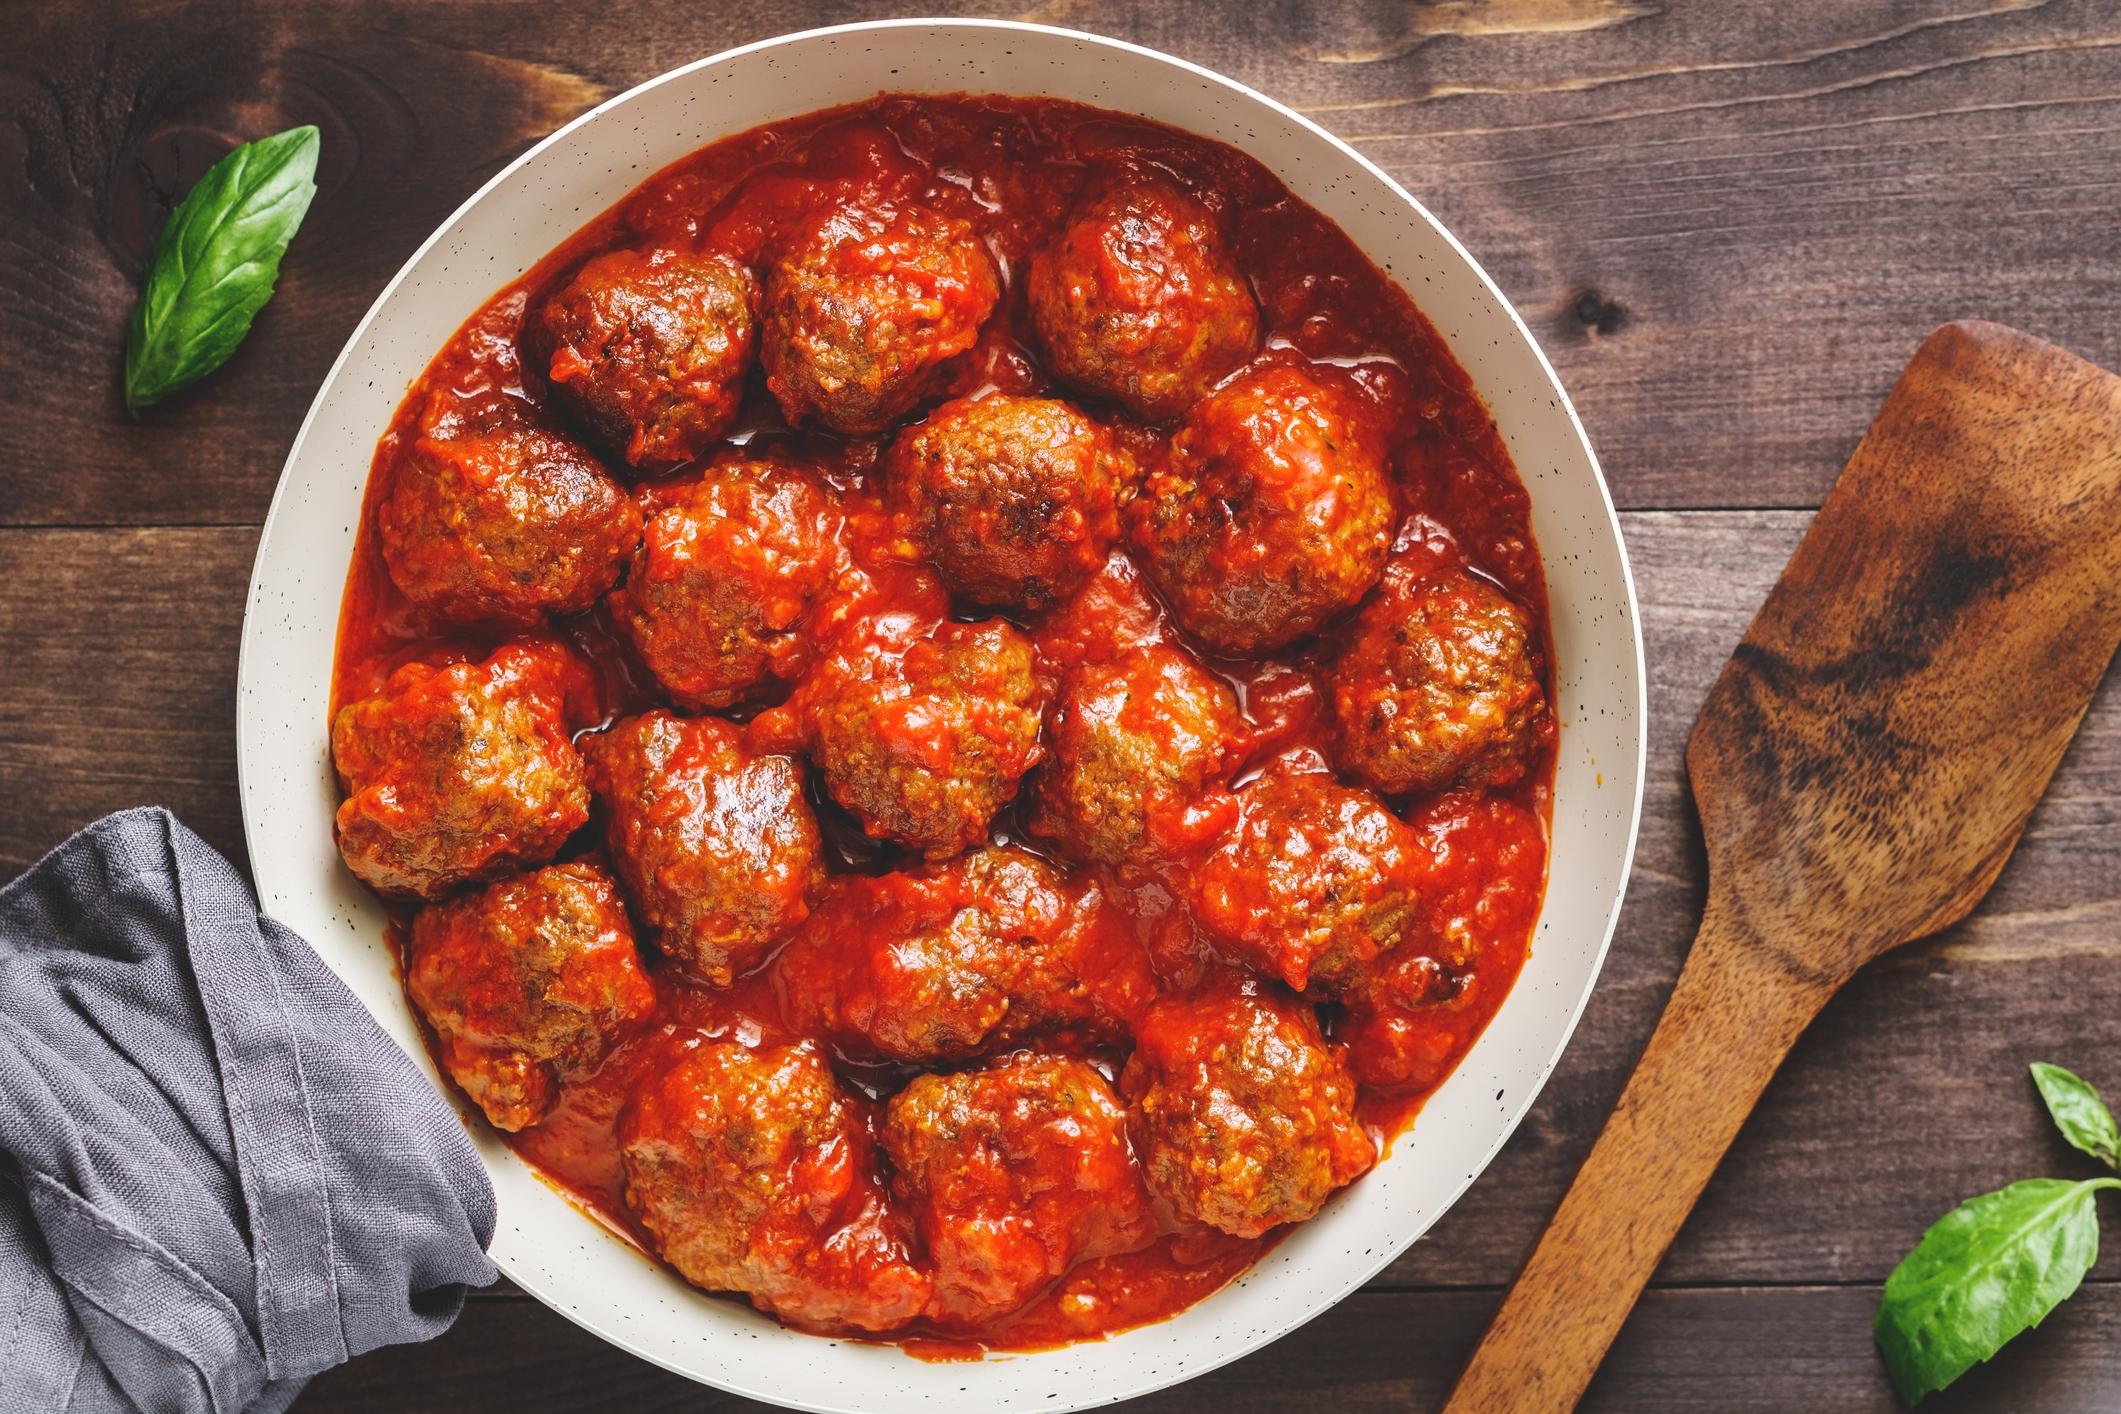 boulettes de viande, un des plats du régime sans sucre